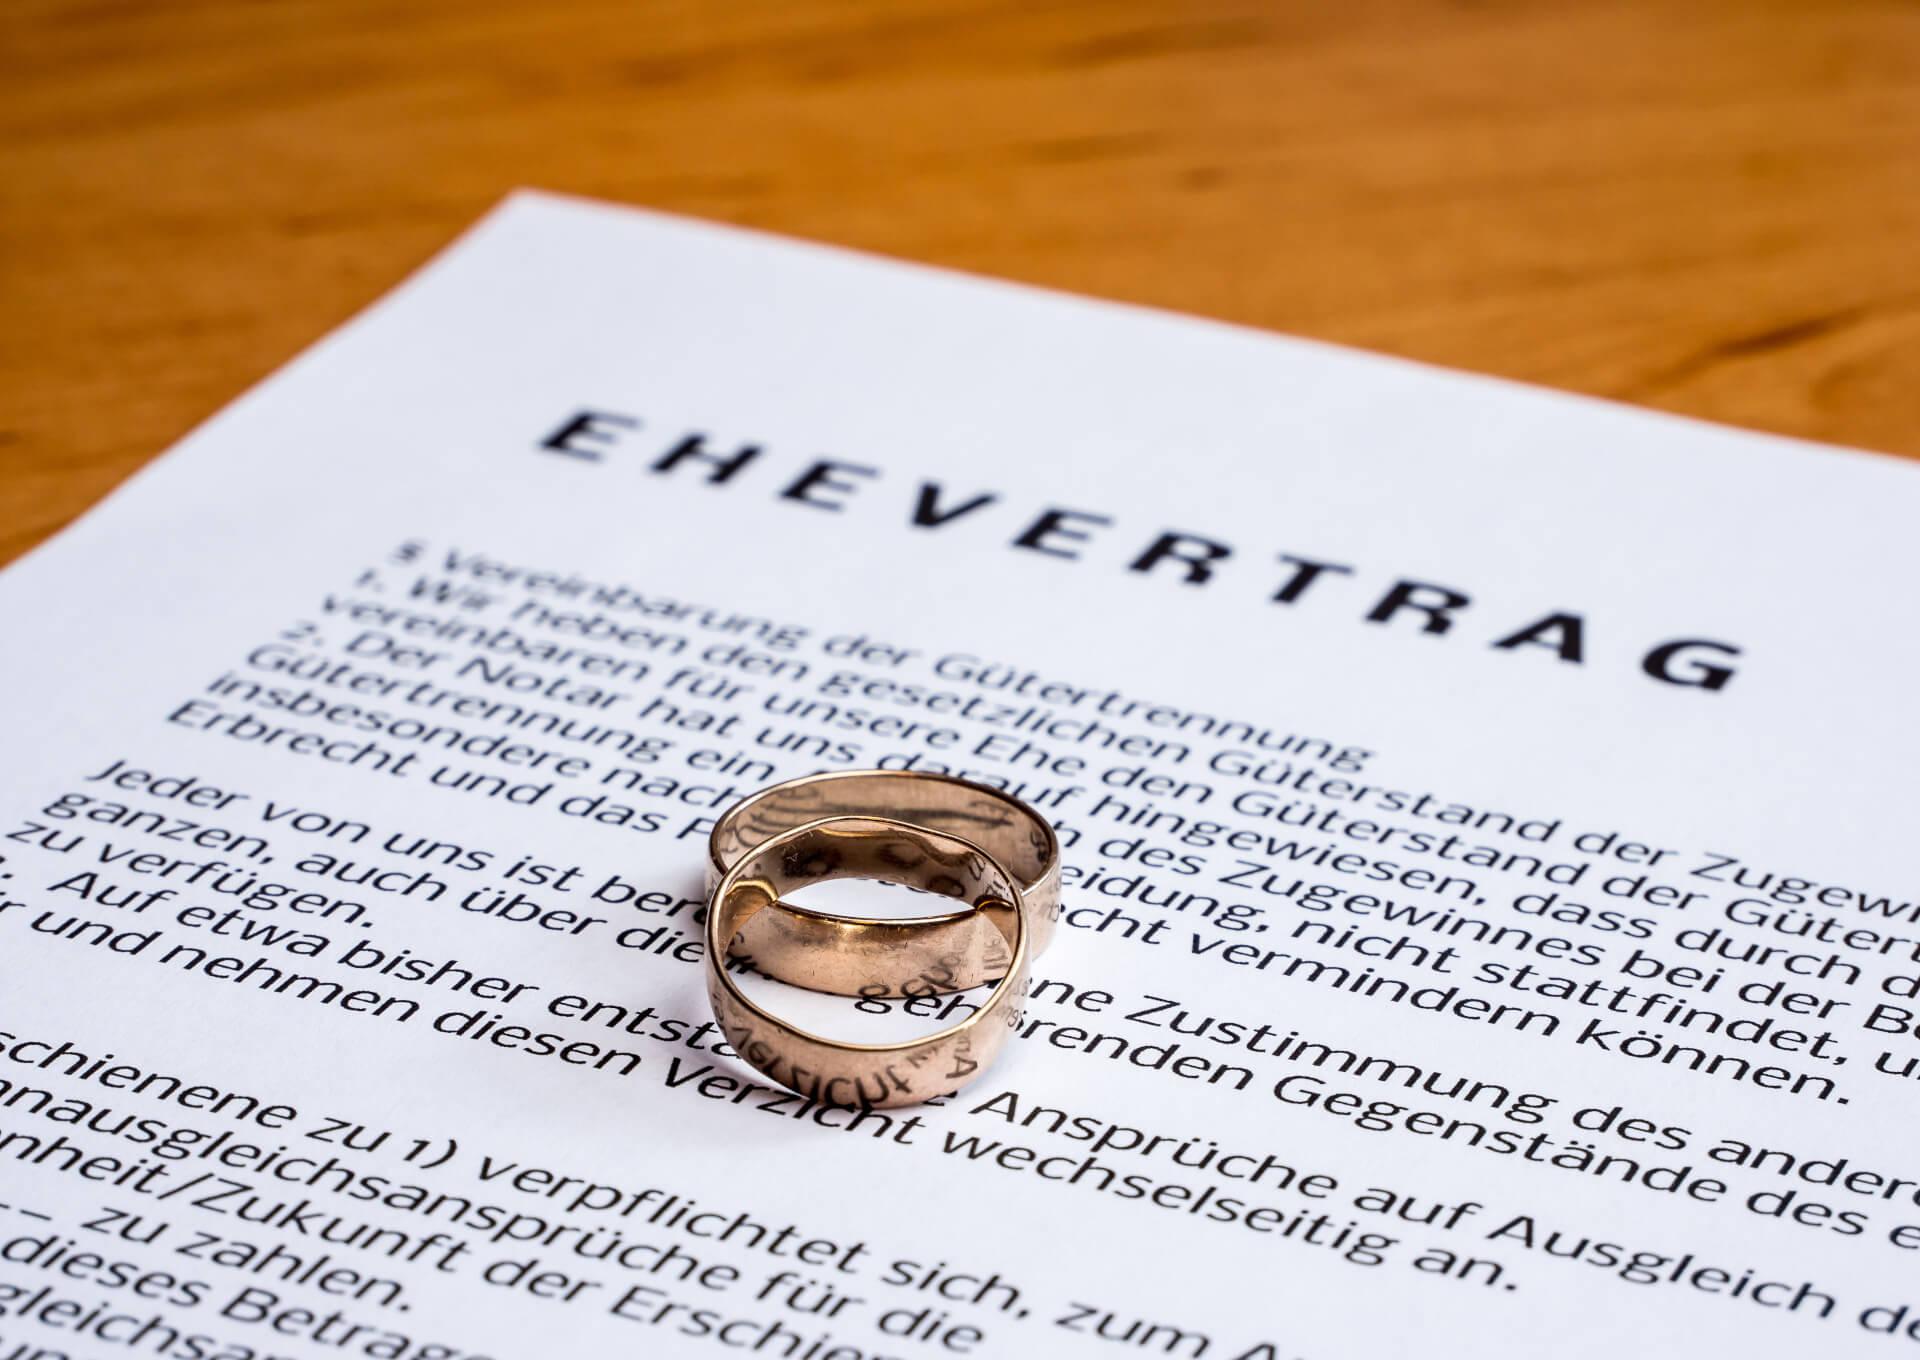 Abbildung Ehevertrag mit Ringen